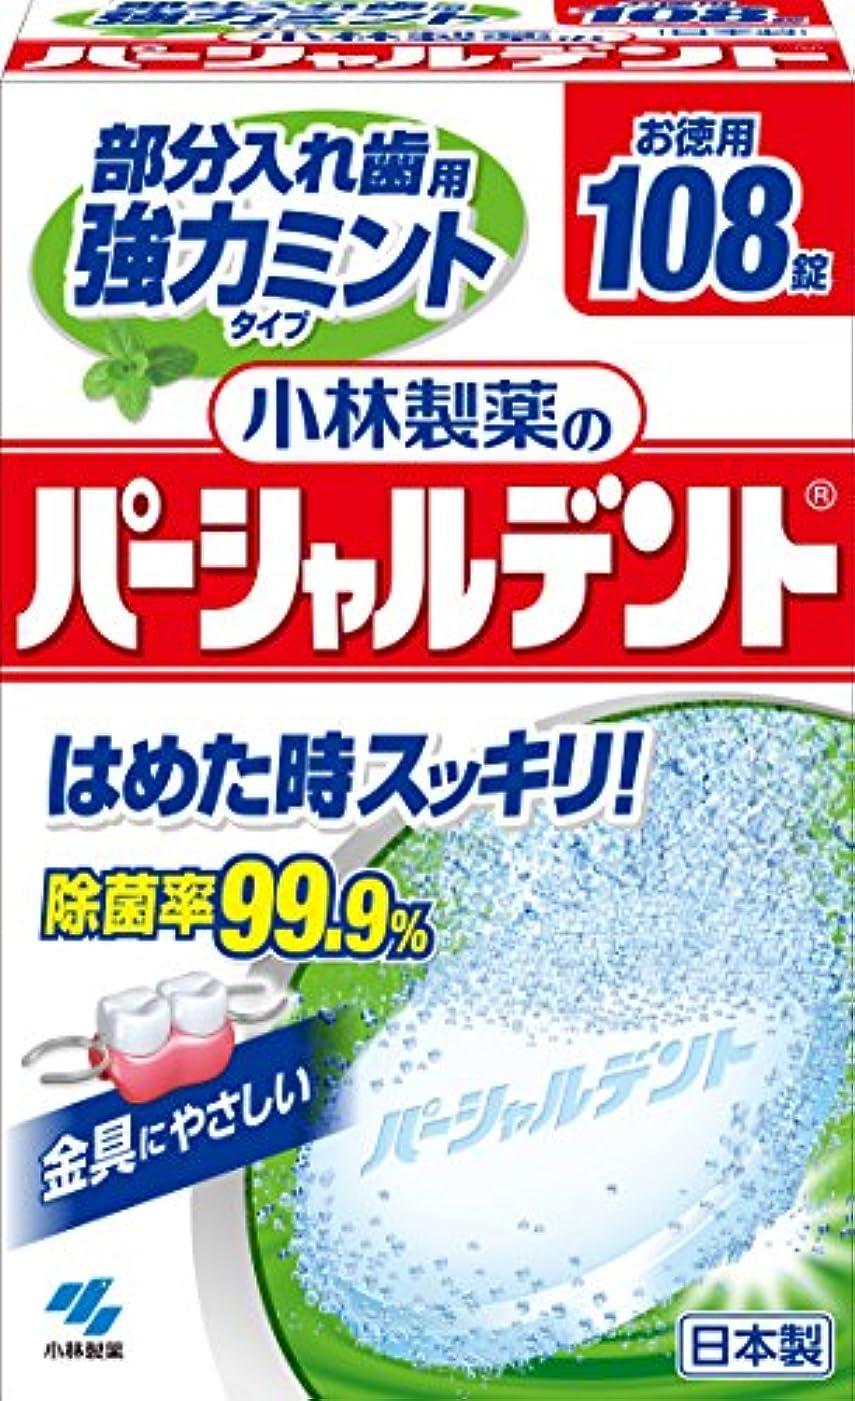 リングバック腐敗した軽蔑する小林製薬のパーシャルデント強力ミント 部分入れ歯用 洗浄剤 ミントの香り 108錠